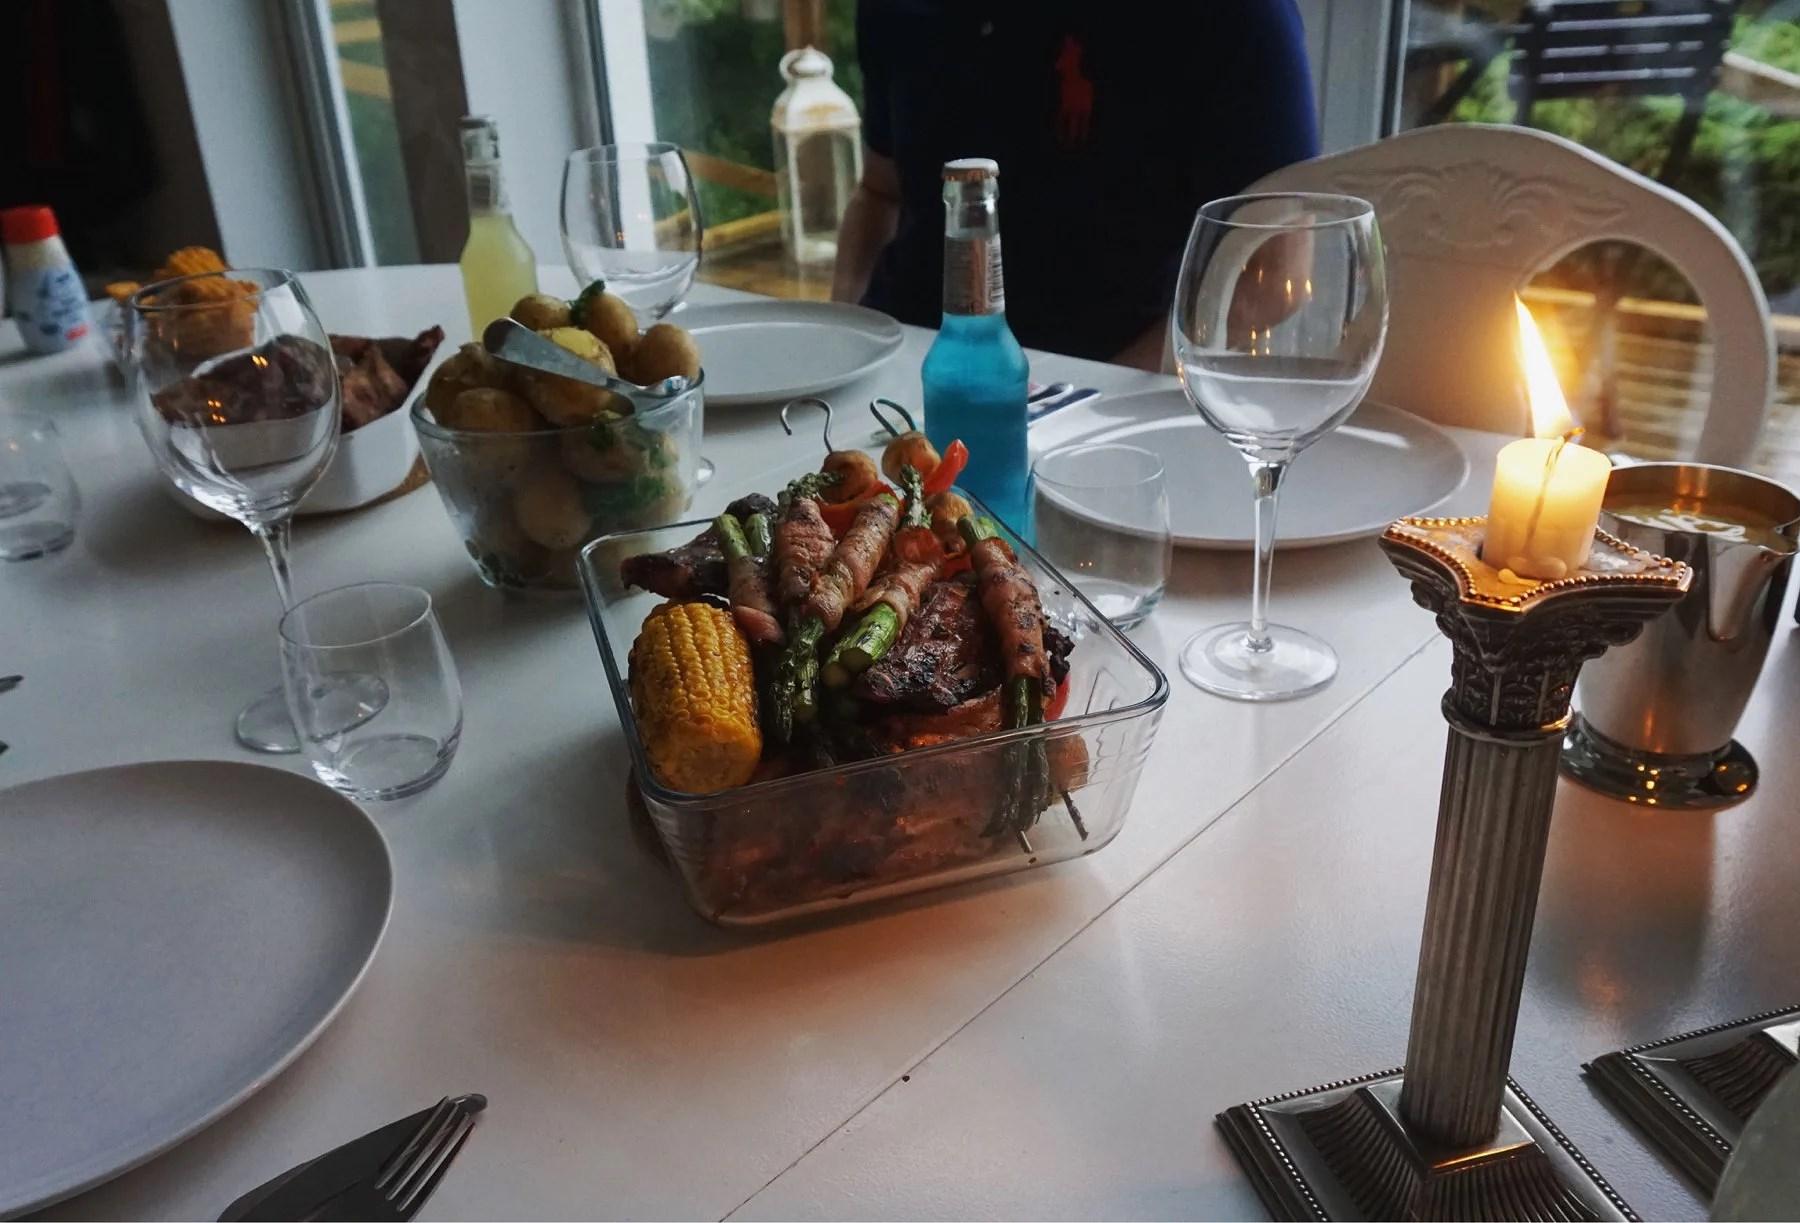 Last nights grill